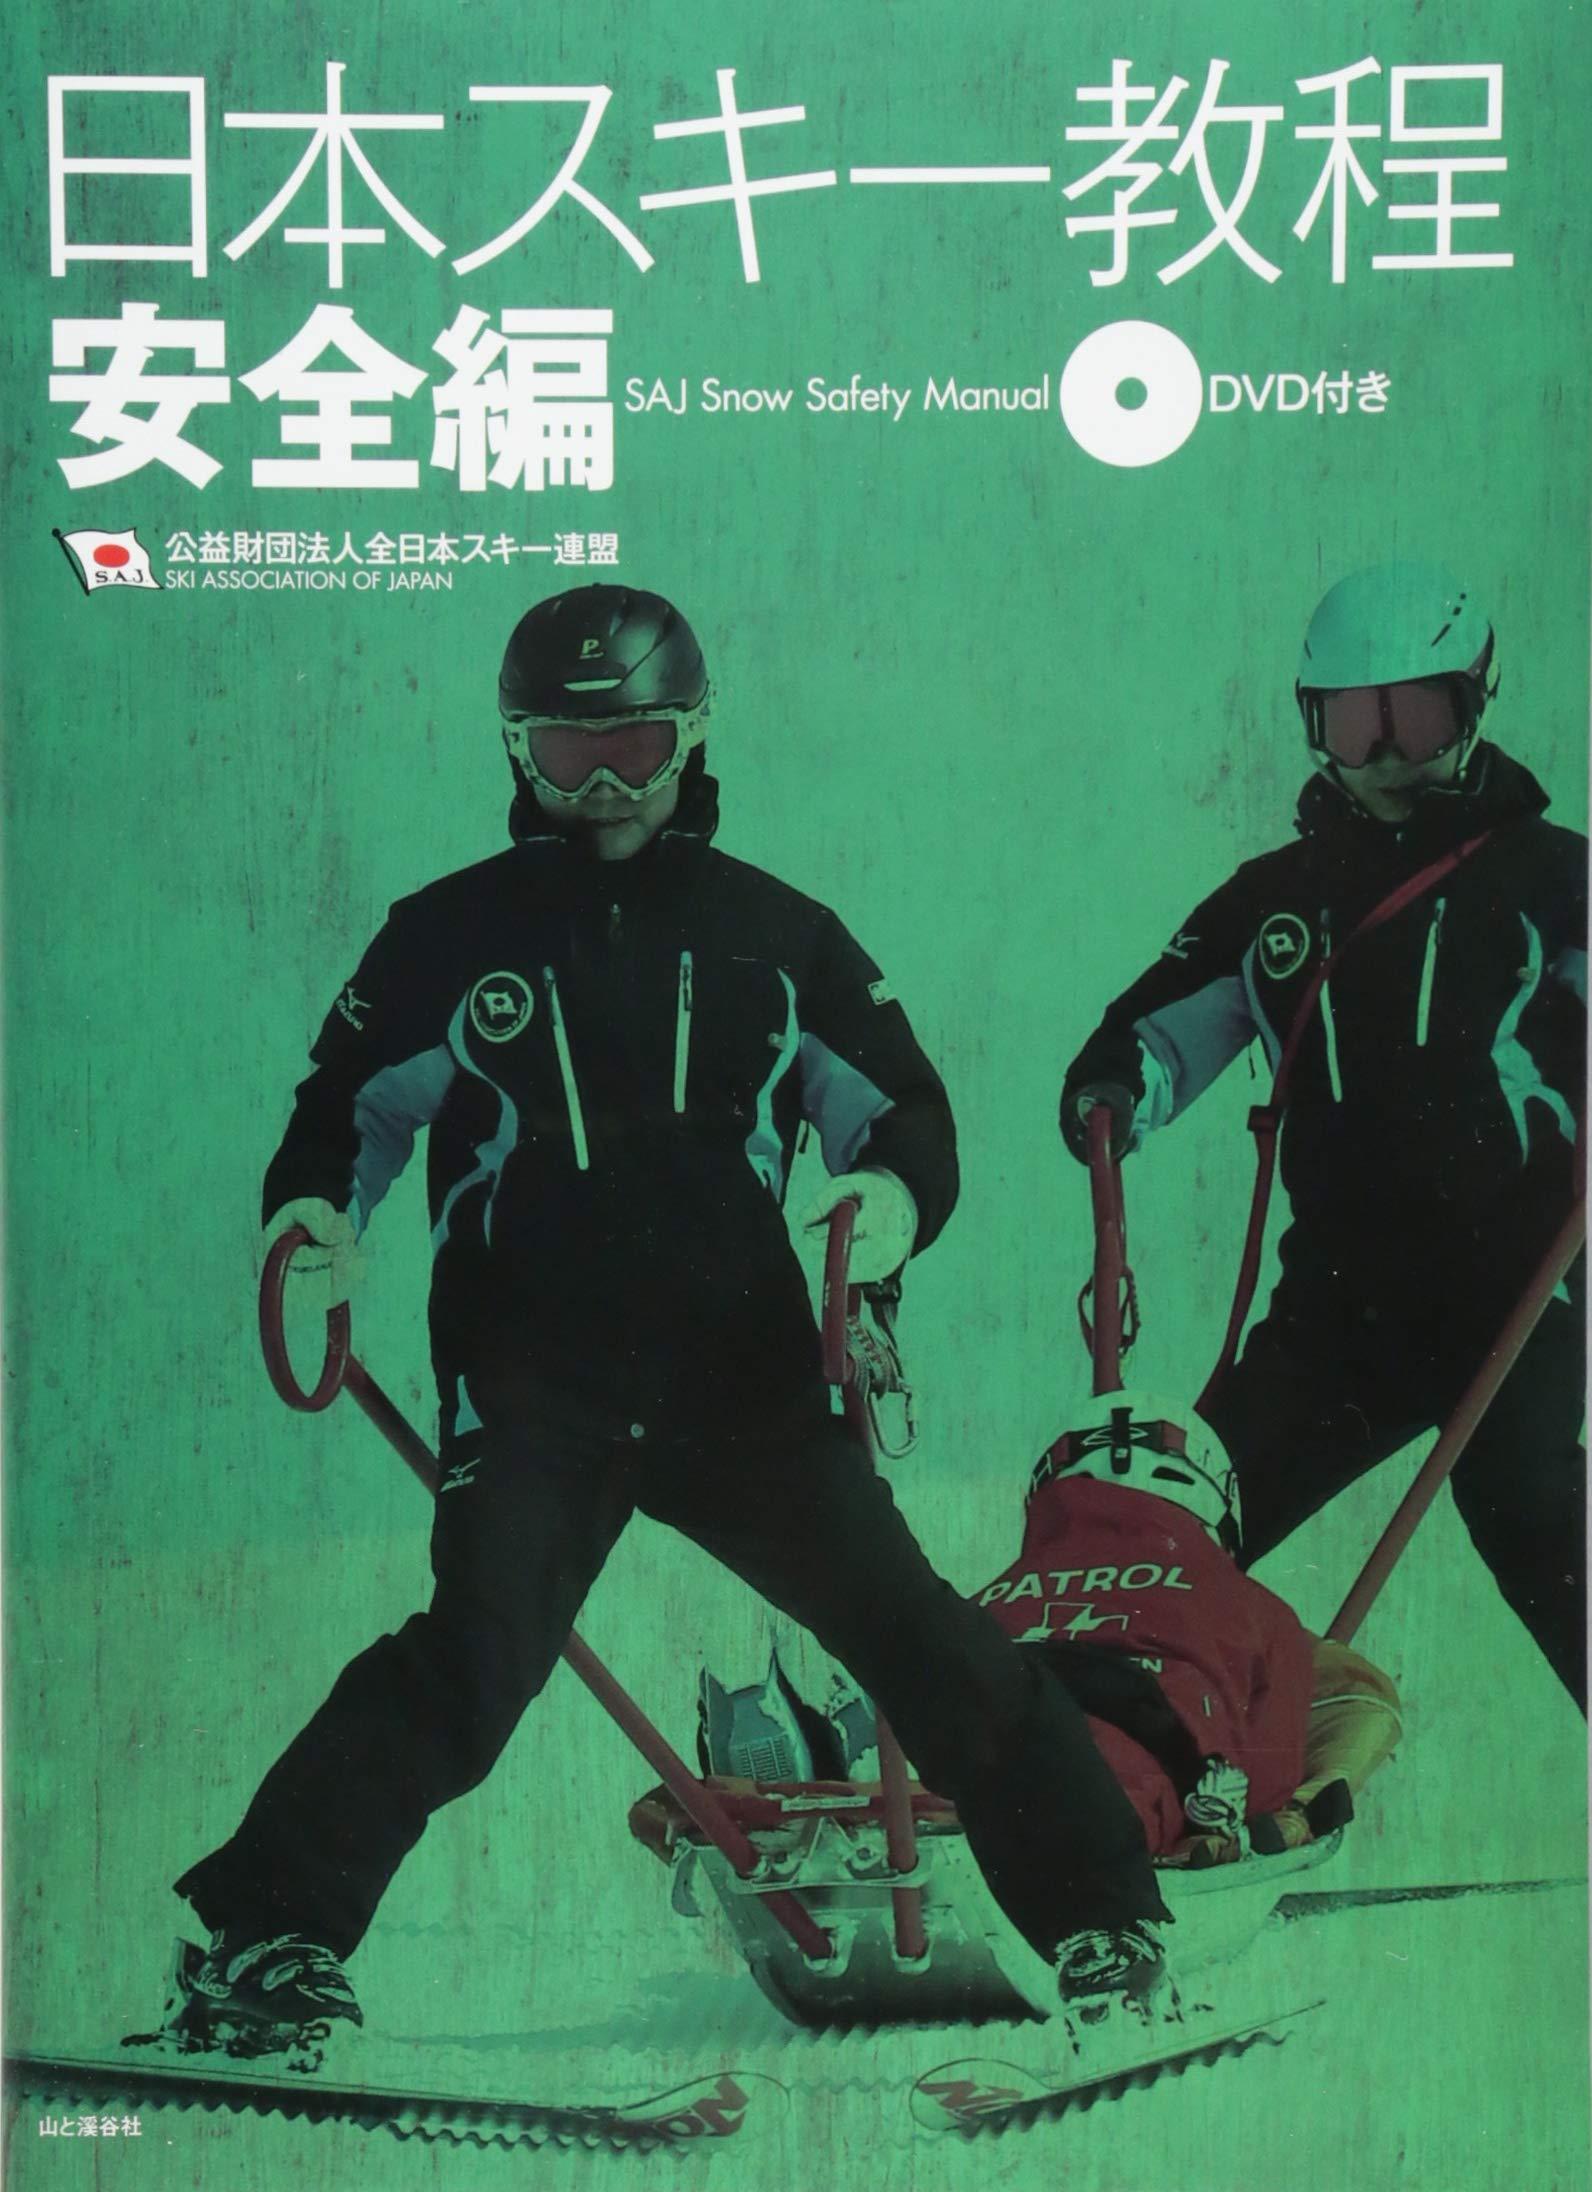 連盟 全日本 スキー